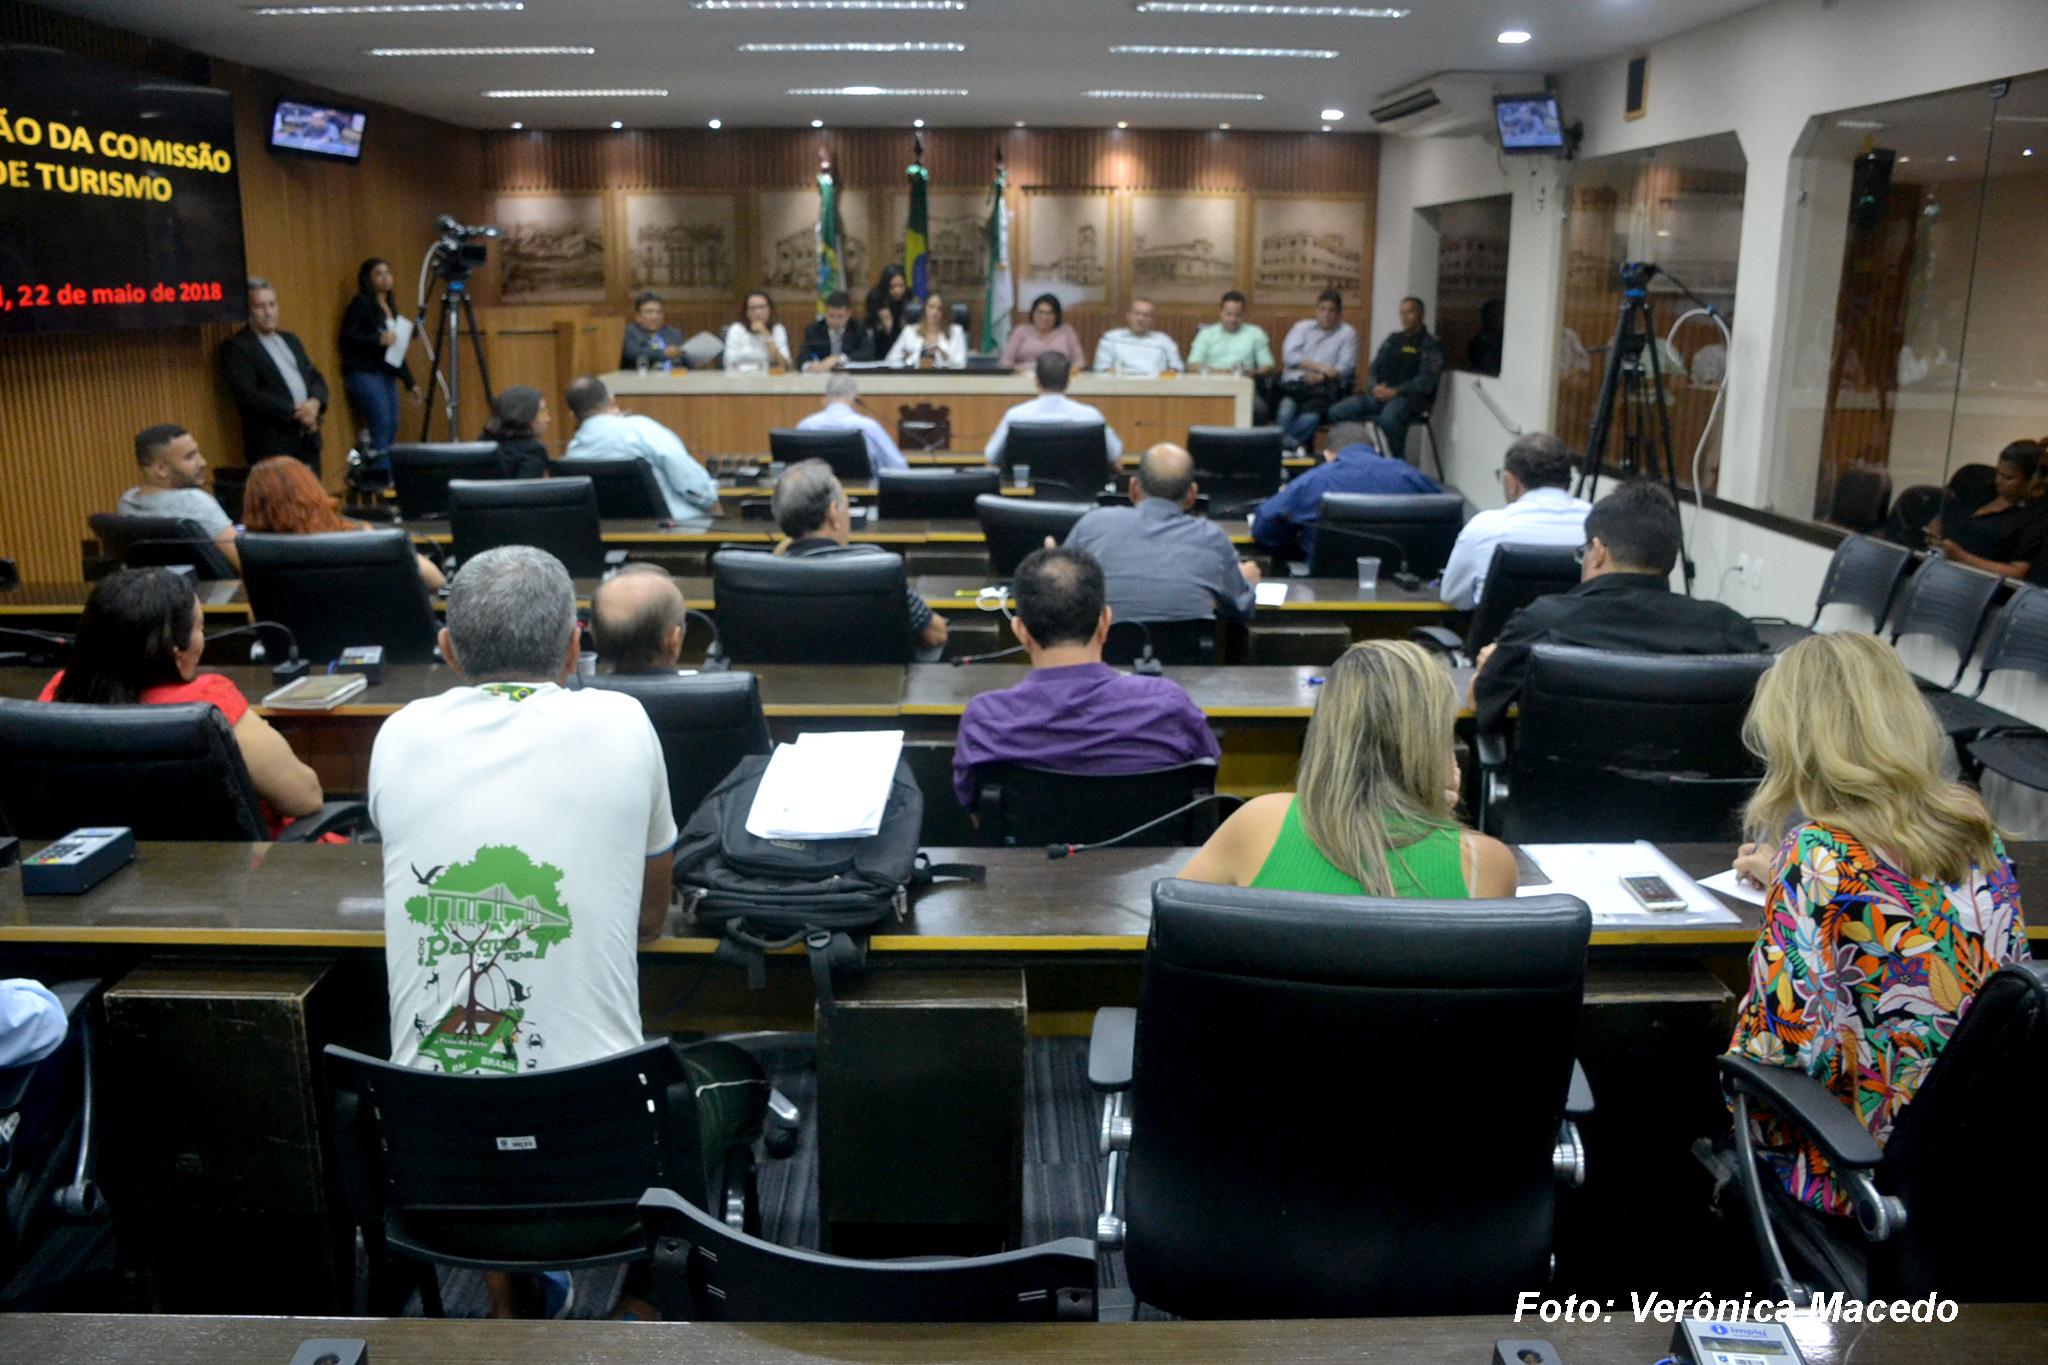 Revitalização da orla de Natal é discutida na Comissão de Turismo da Câmara de Natal